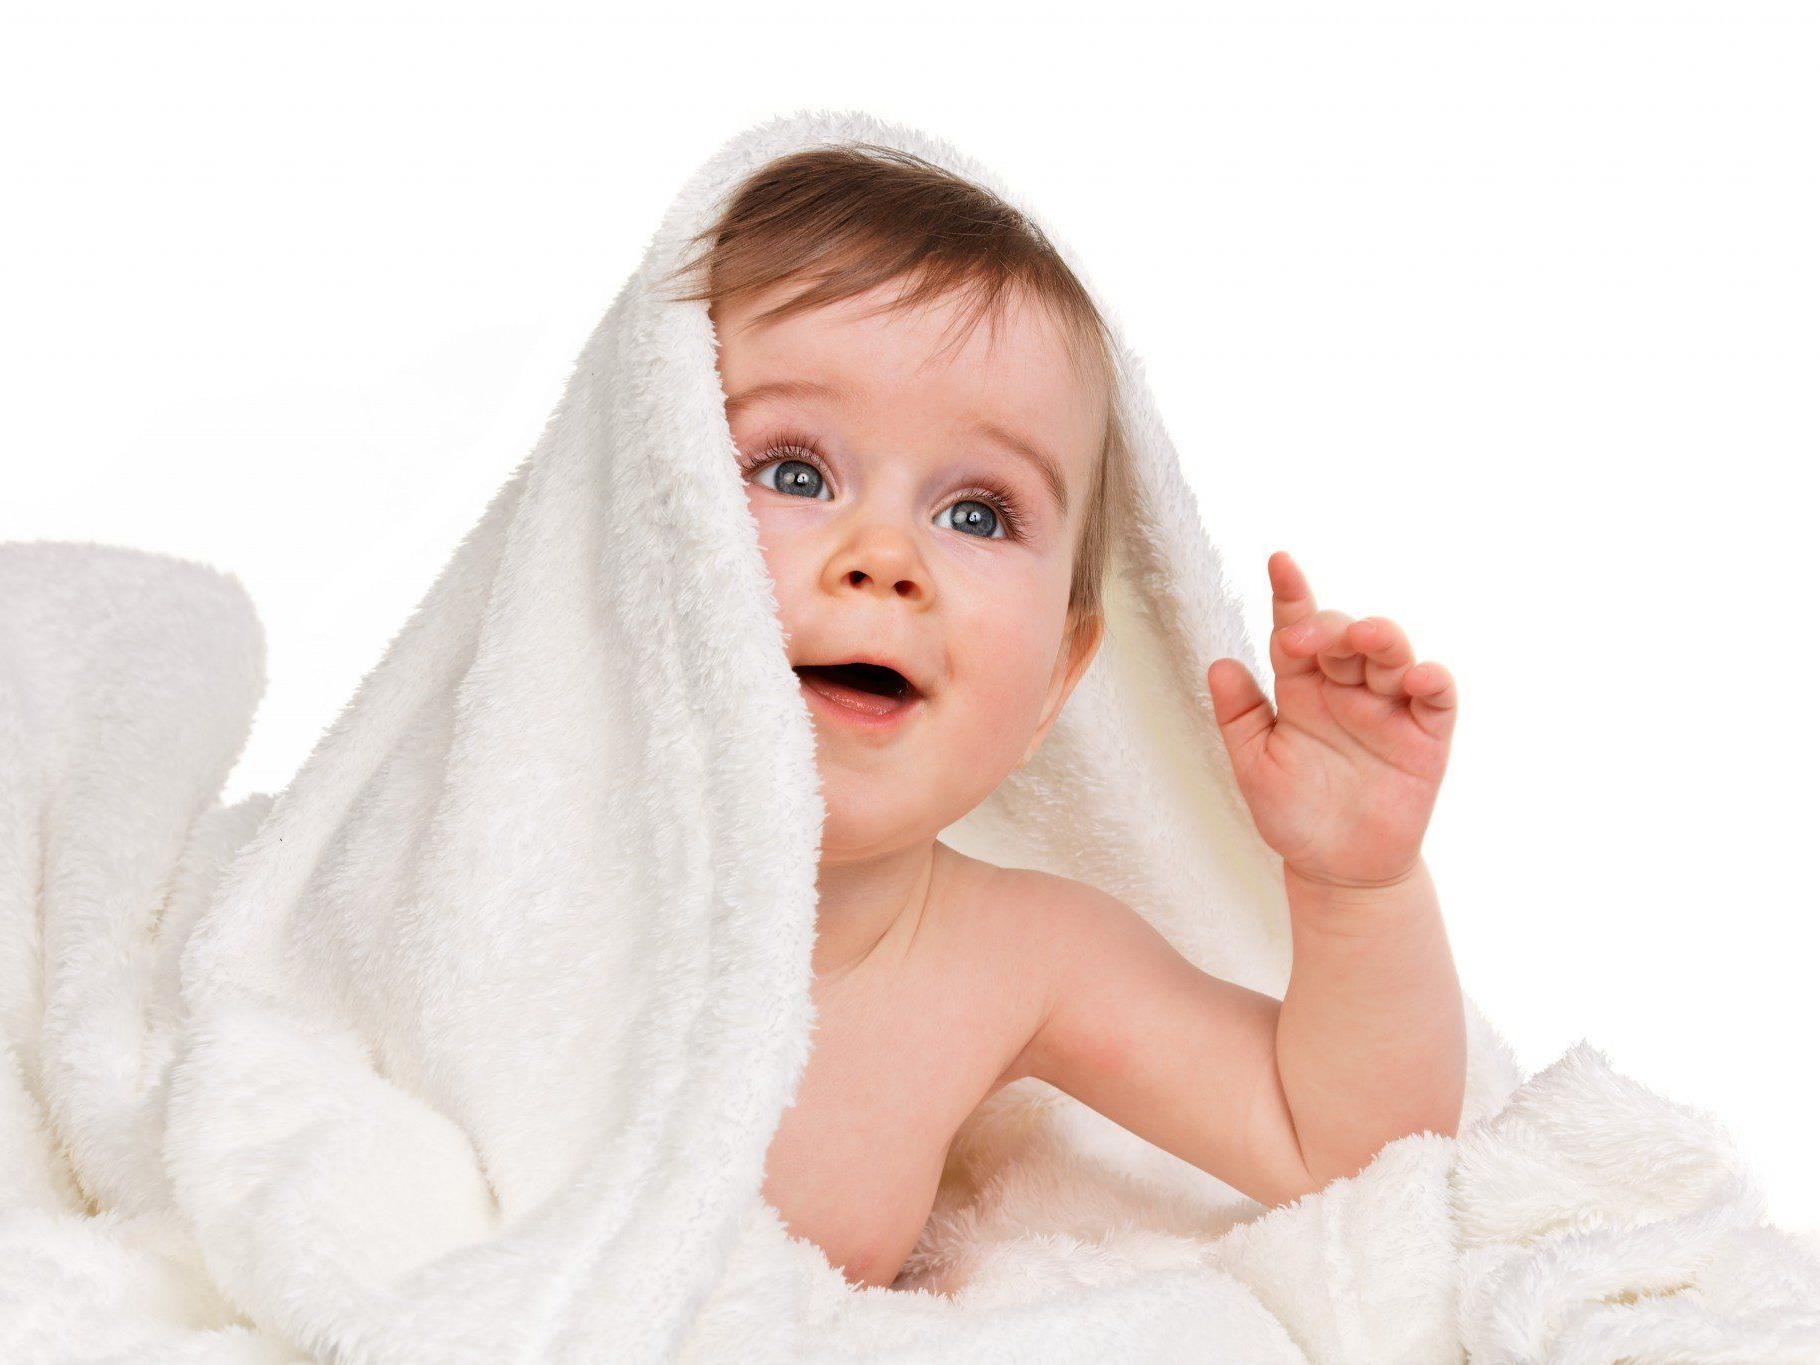 Geburtenplus von 0,5 Prozent